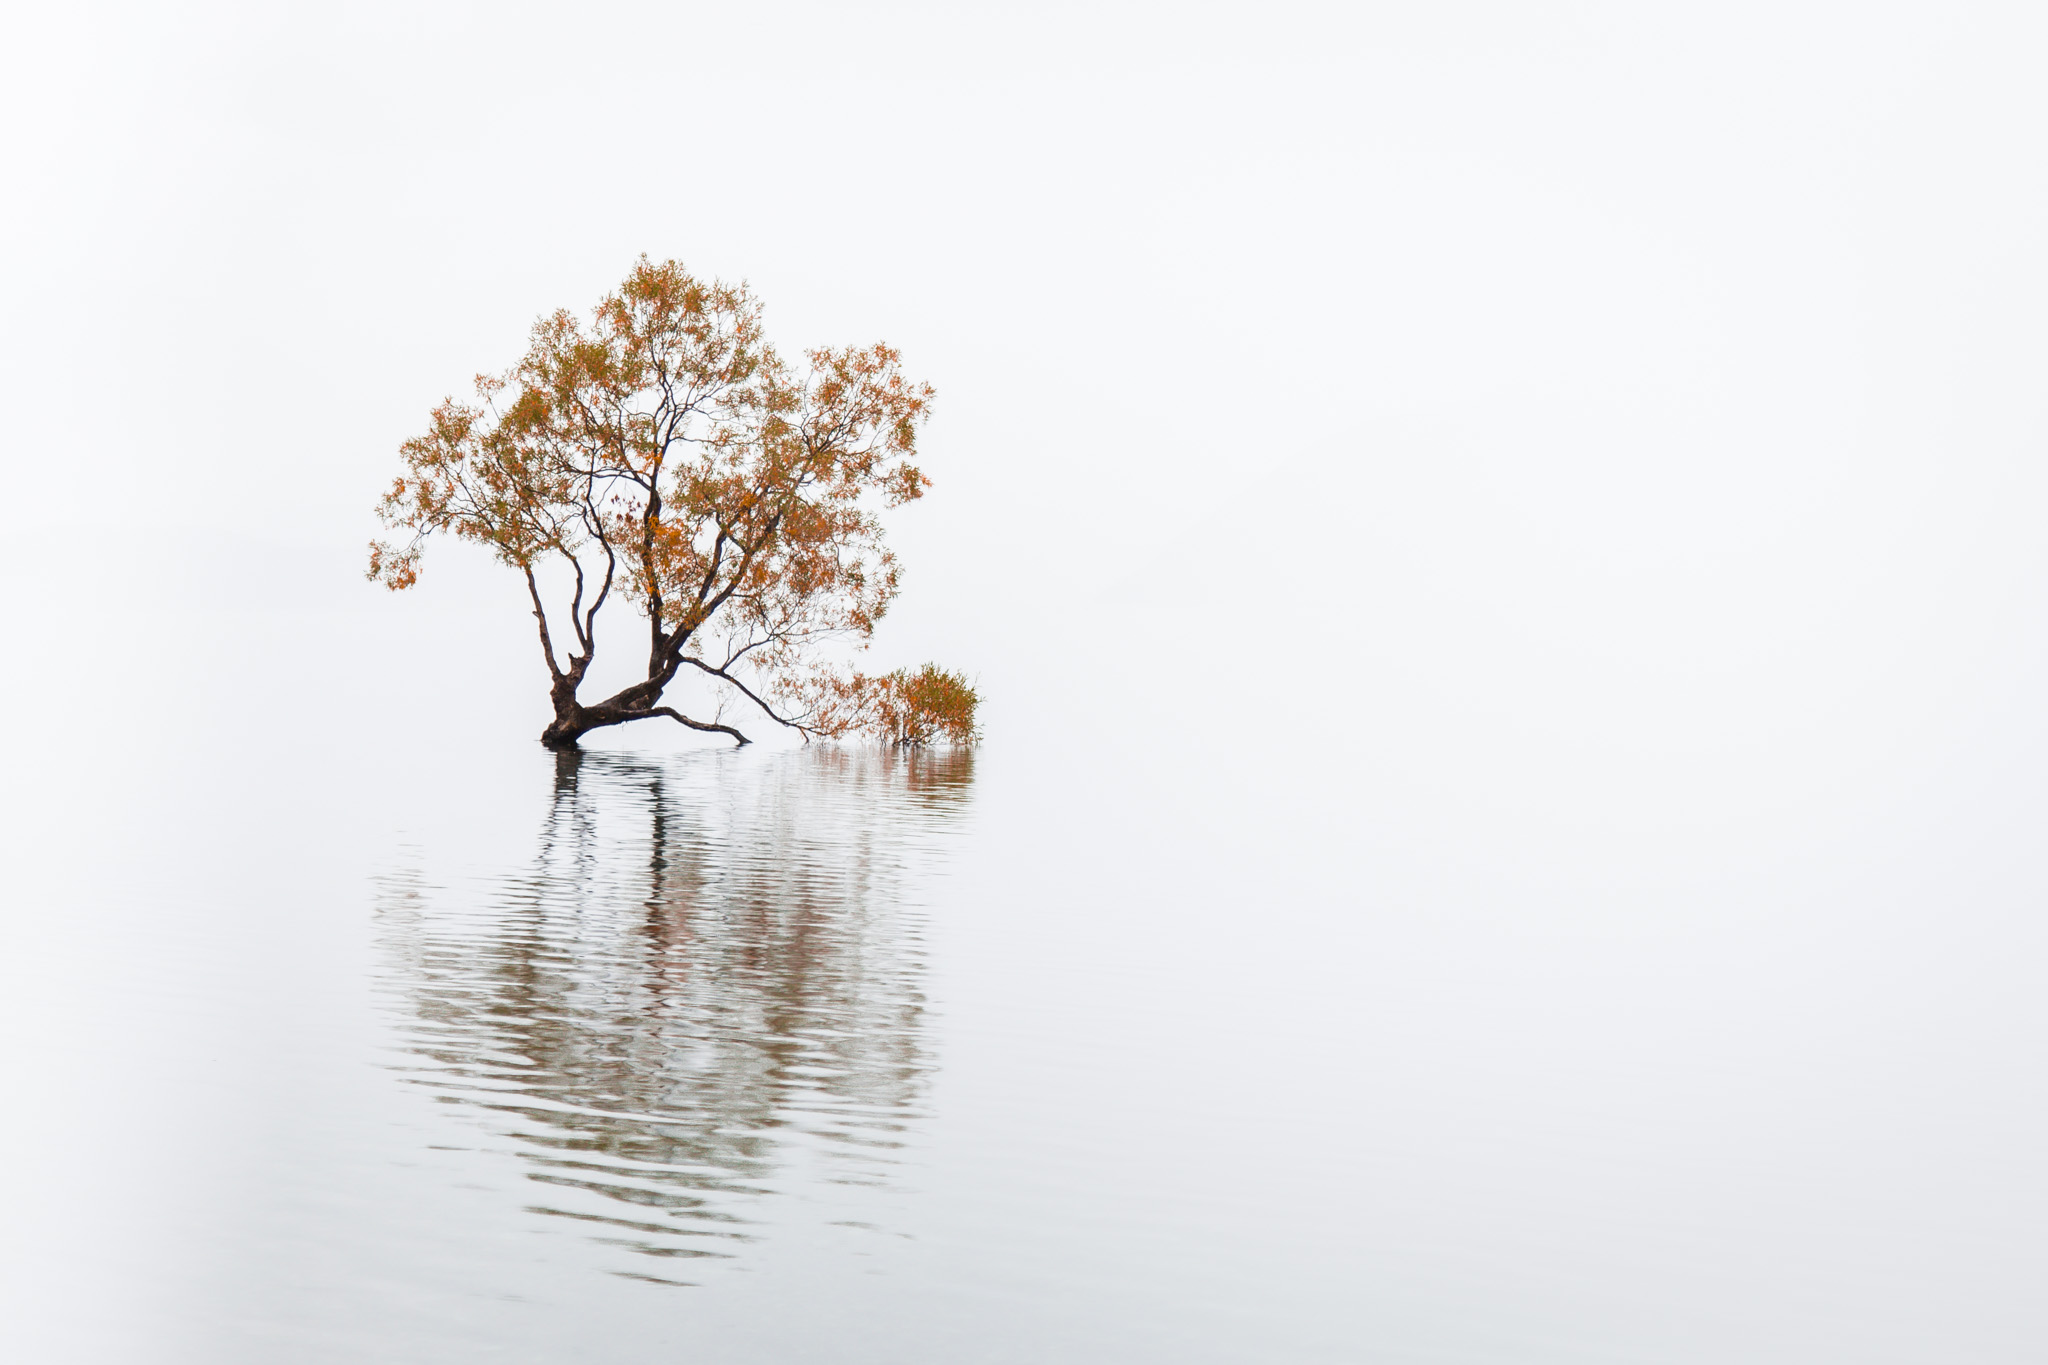 The Lone Tree of Wanaka